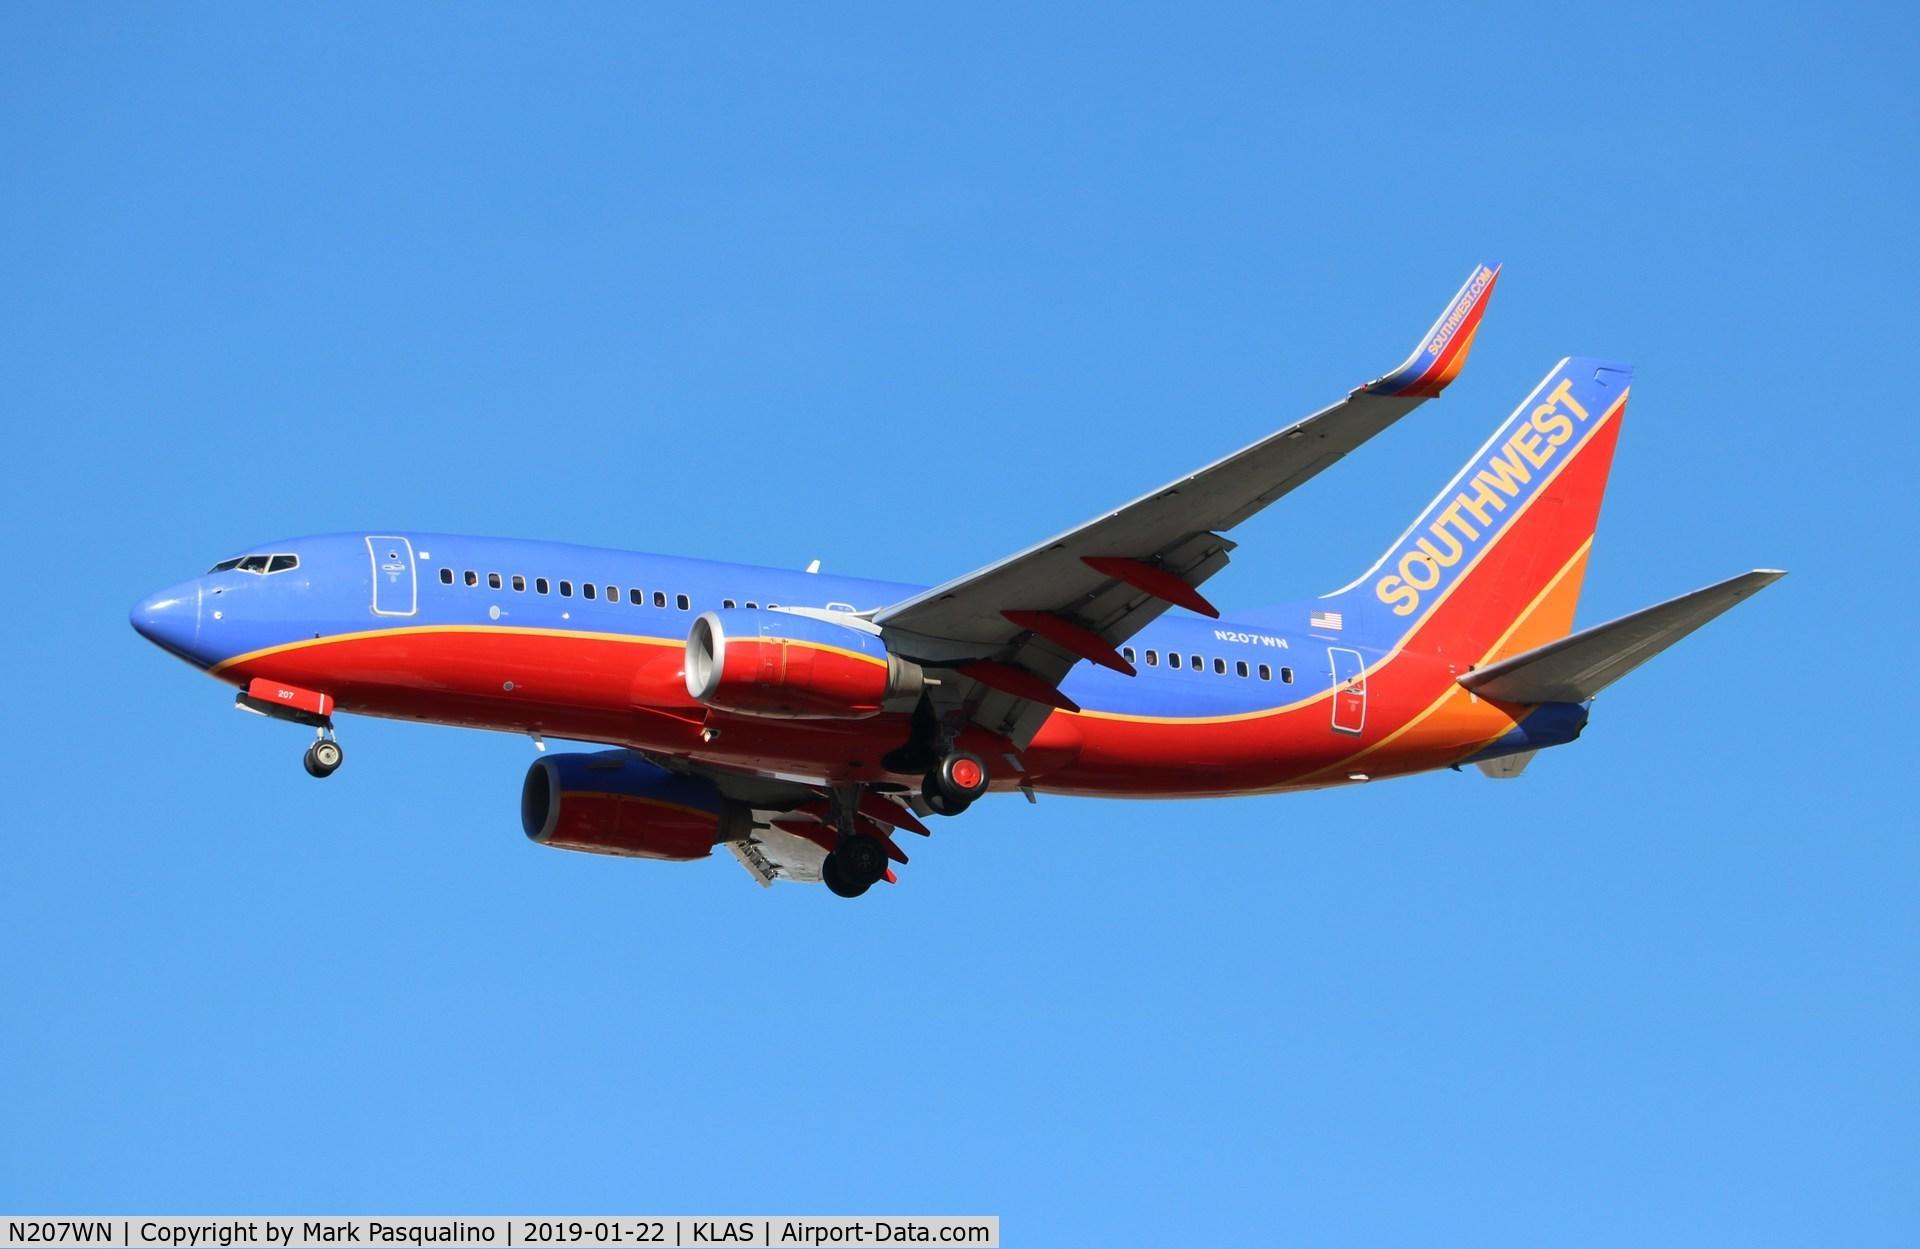 N207WN, 2005 Boeing 737-7H4 C/N 34012, Boeing 737-7H4